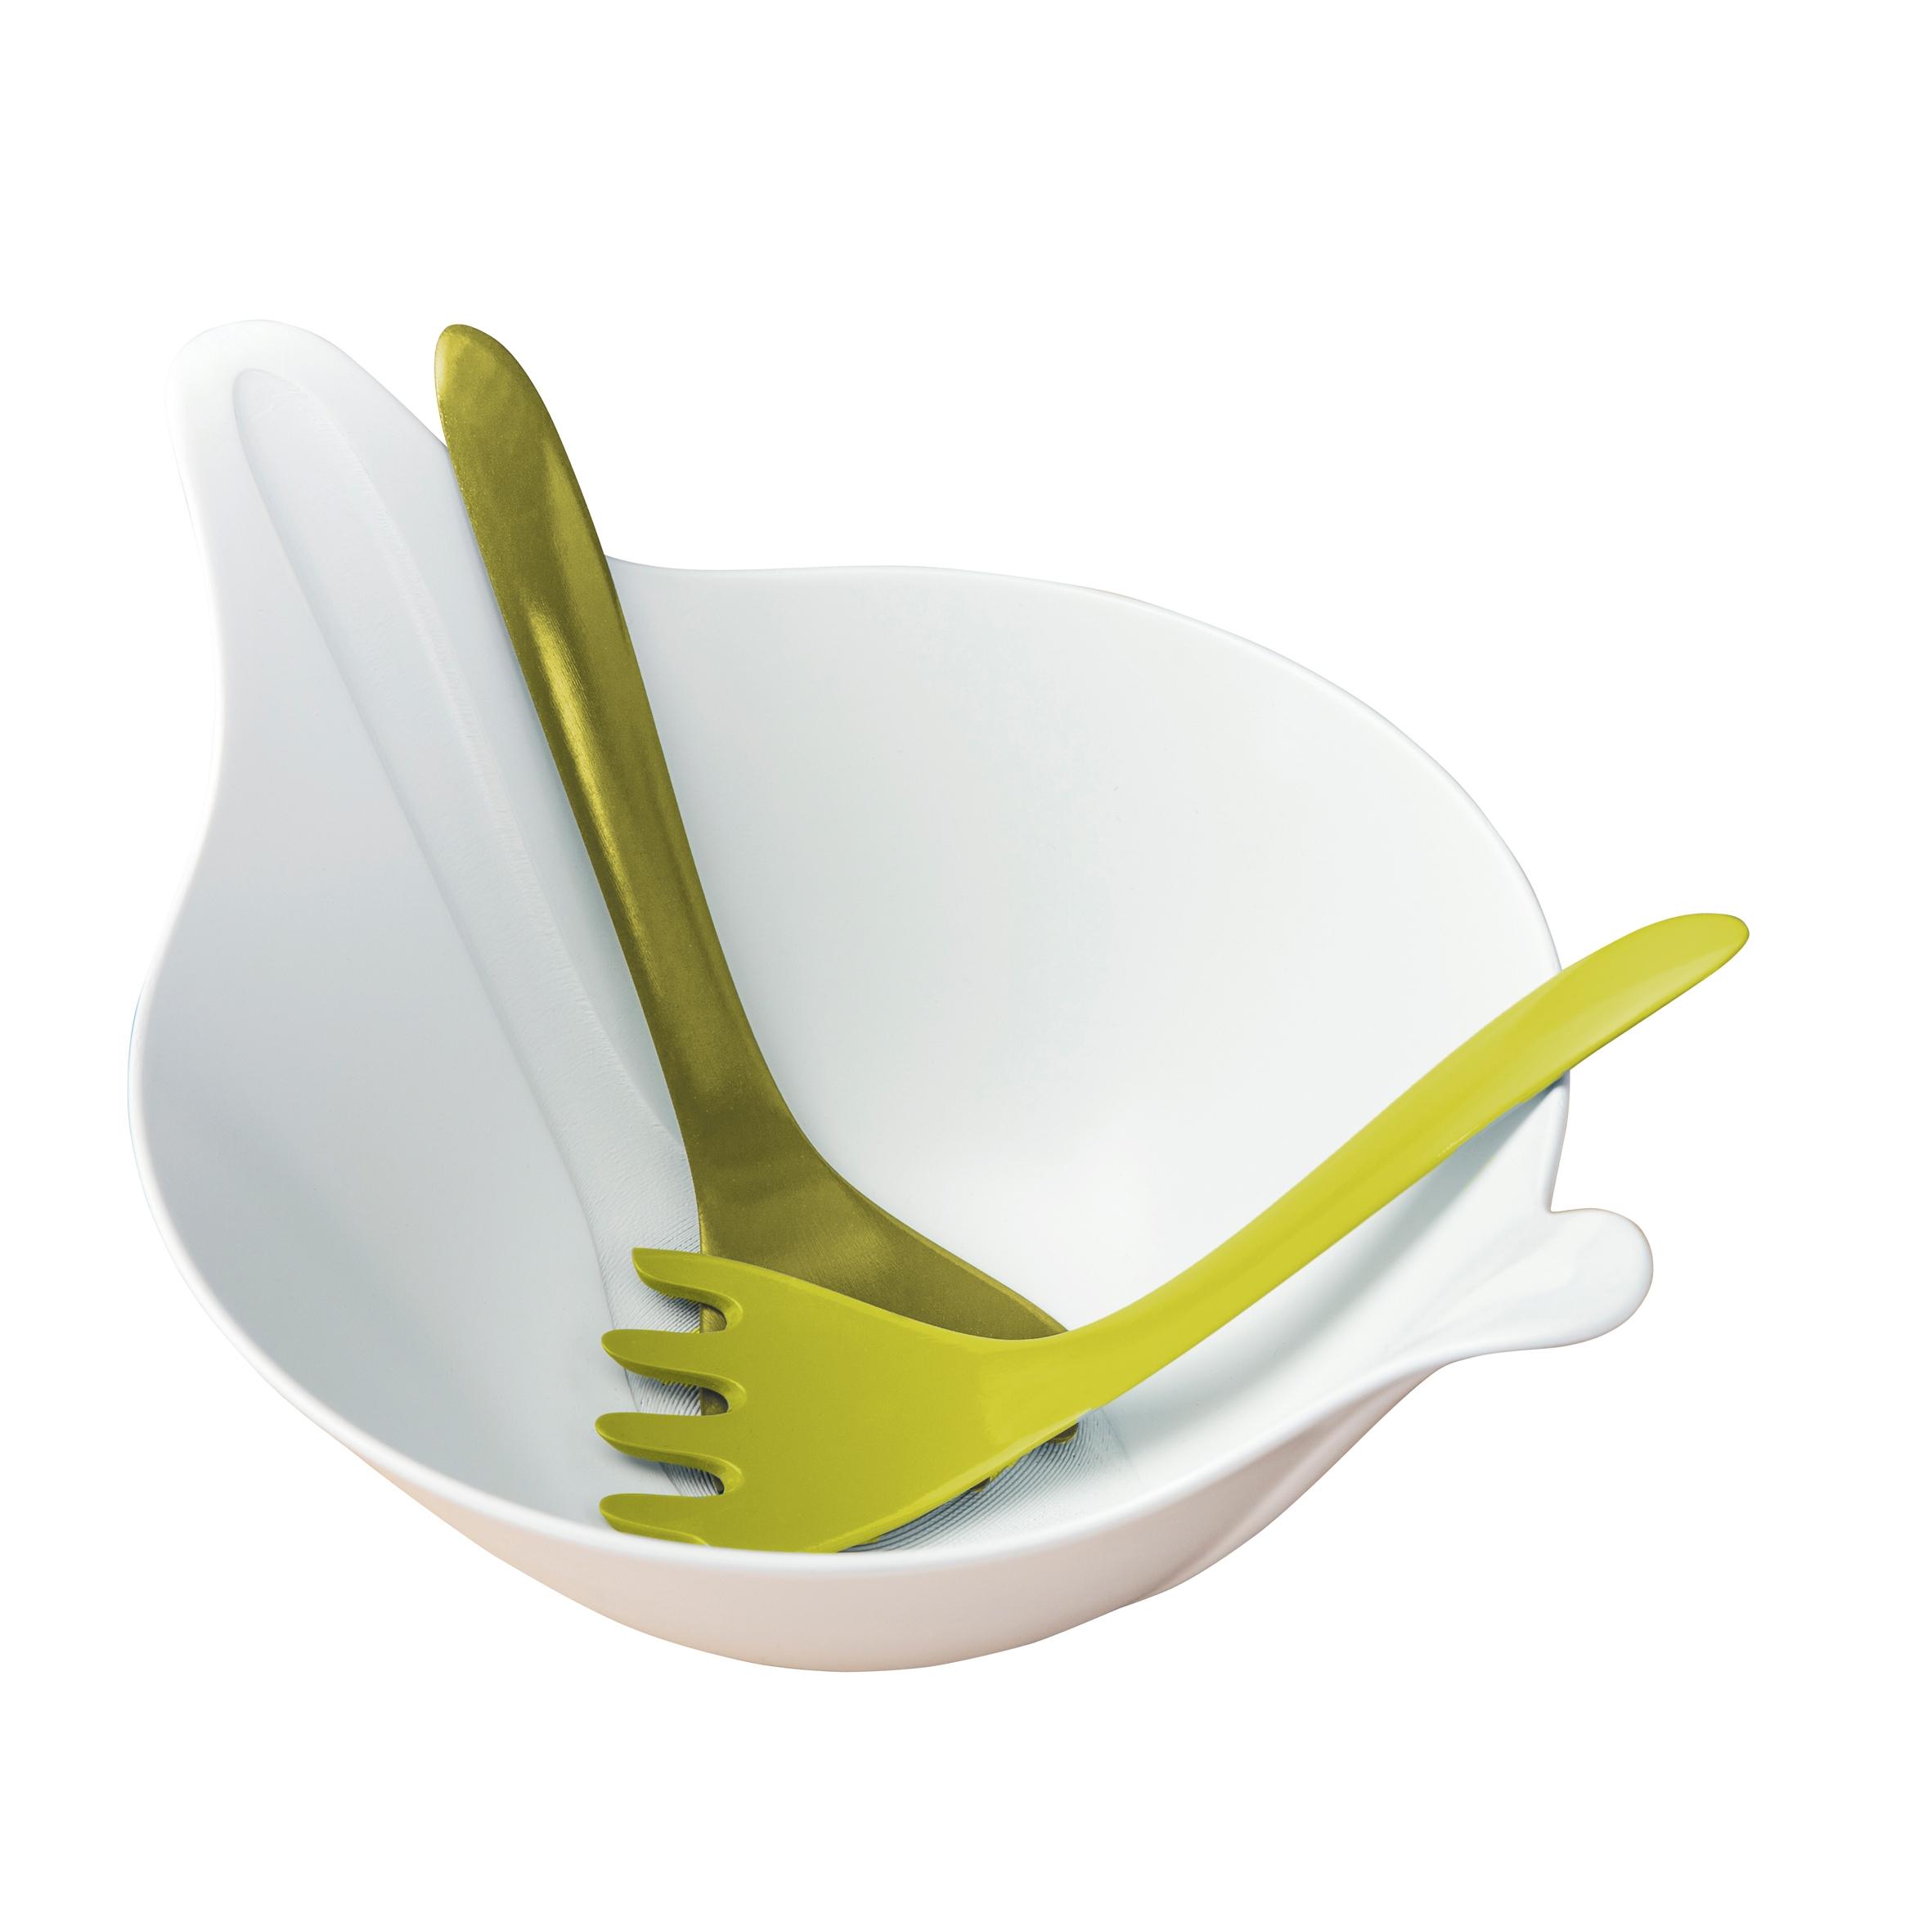 Set bol si 2 ustensile pentru salata, din termoplastic Leaf Alb / Verde, L40,2xl28,8xH20 cm imagine